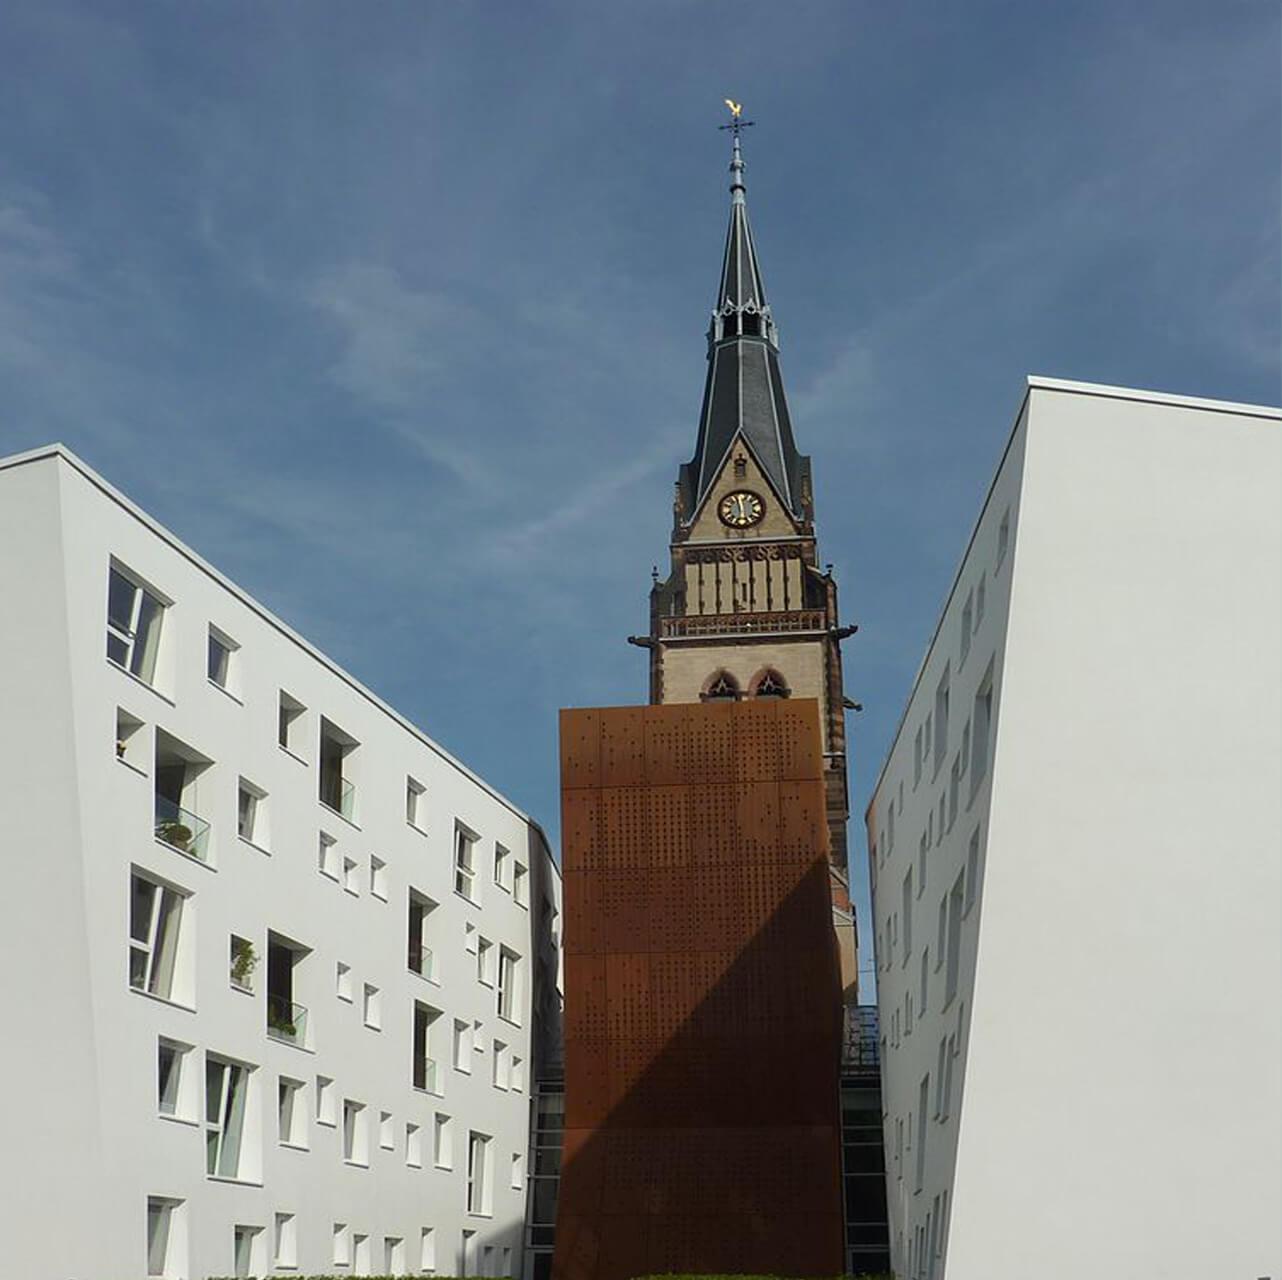 Zahnarzt in der Christuskirche Köln